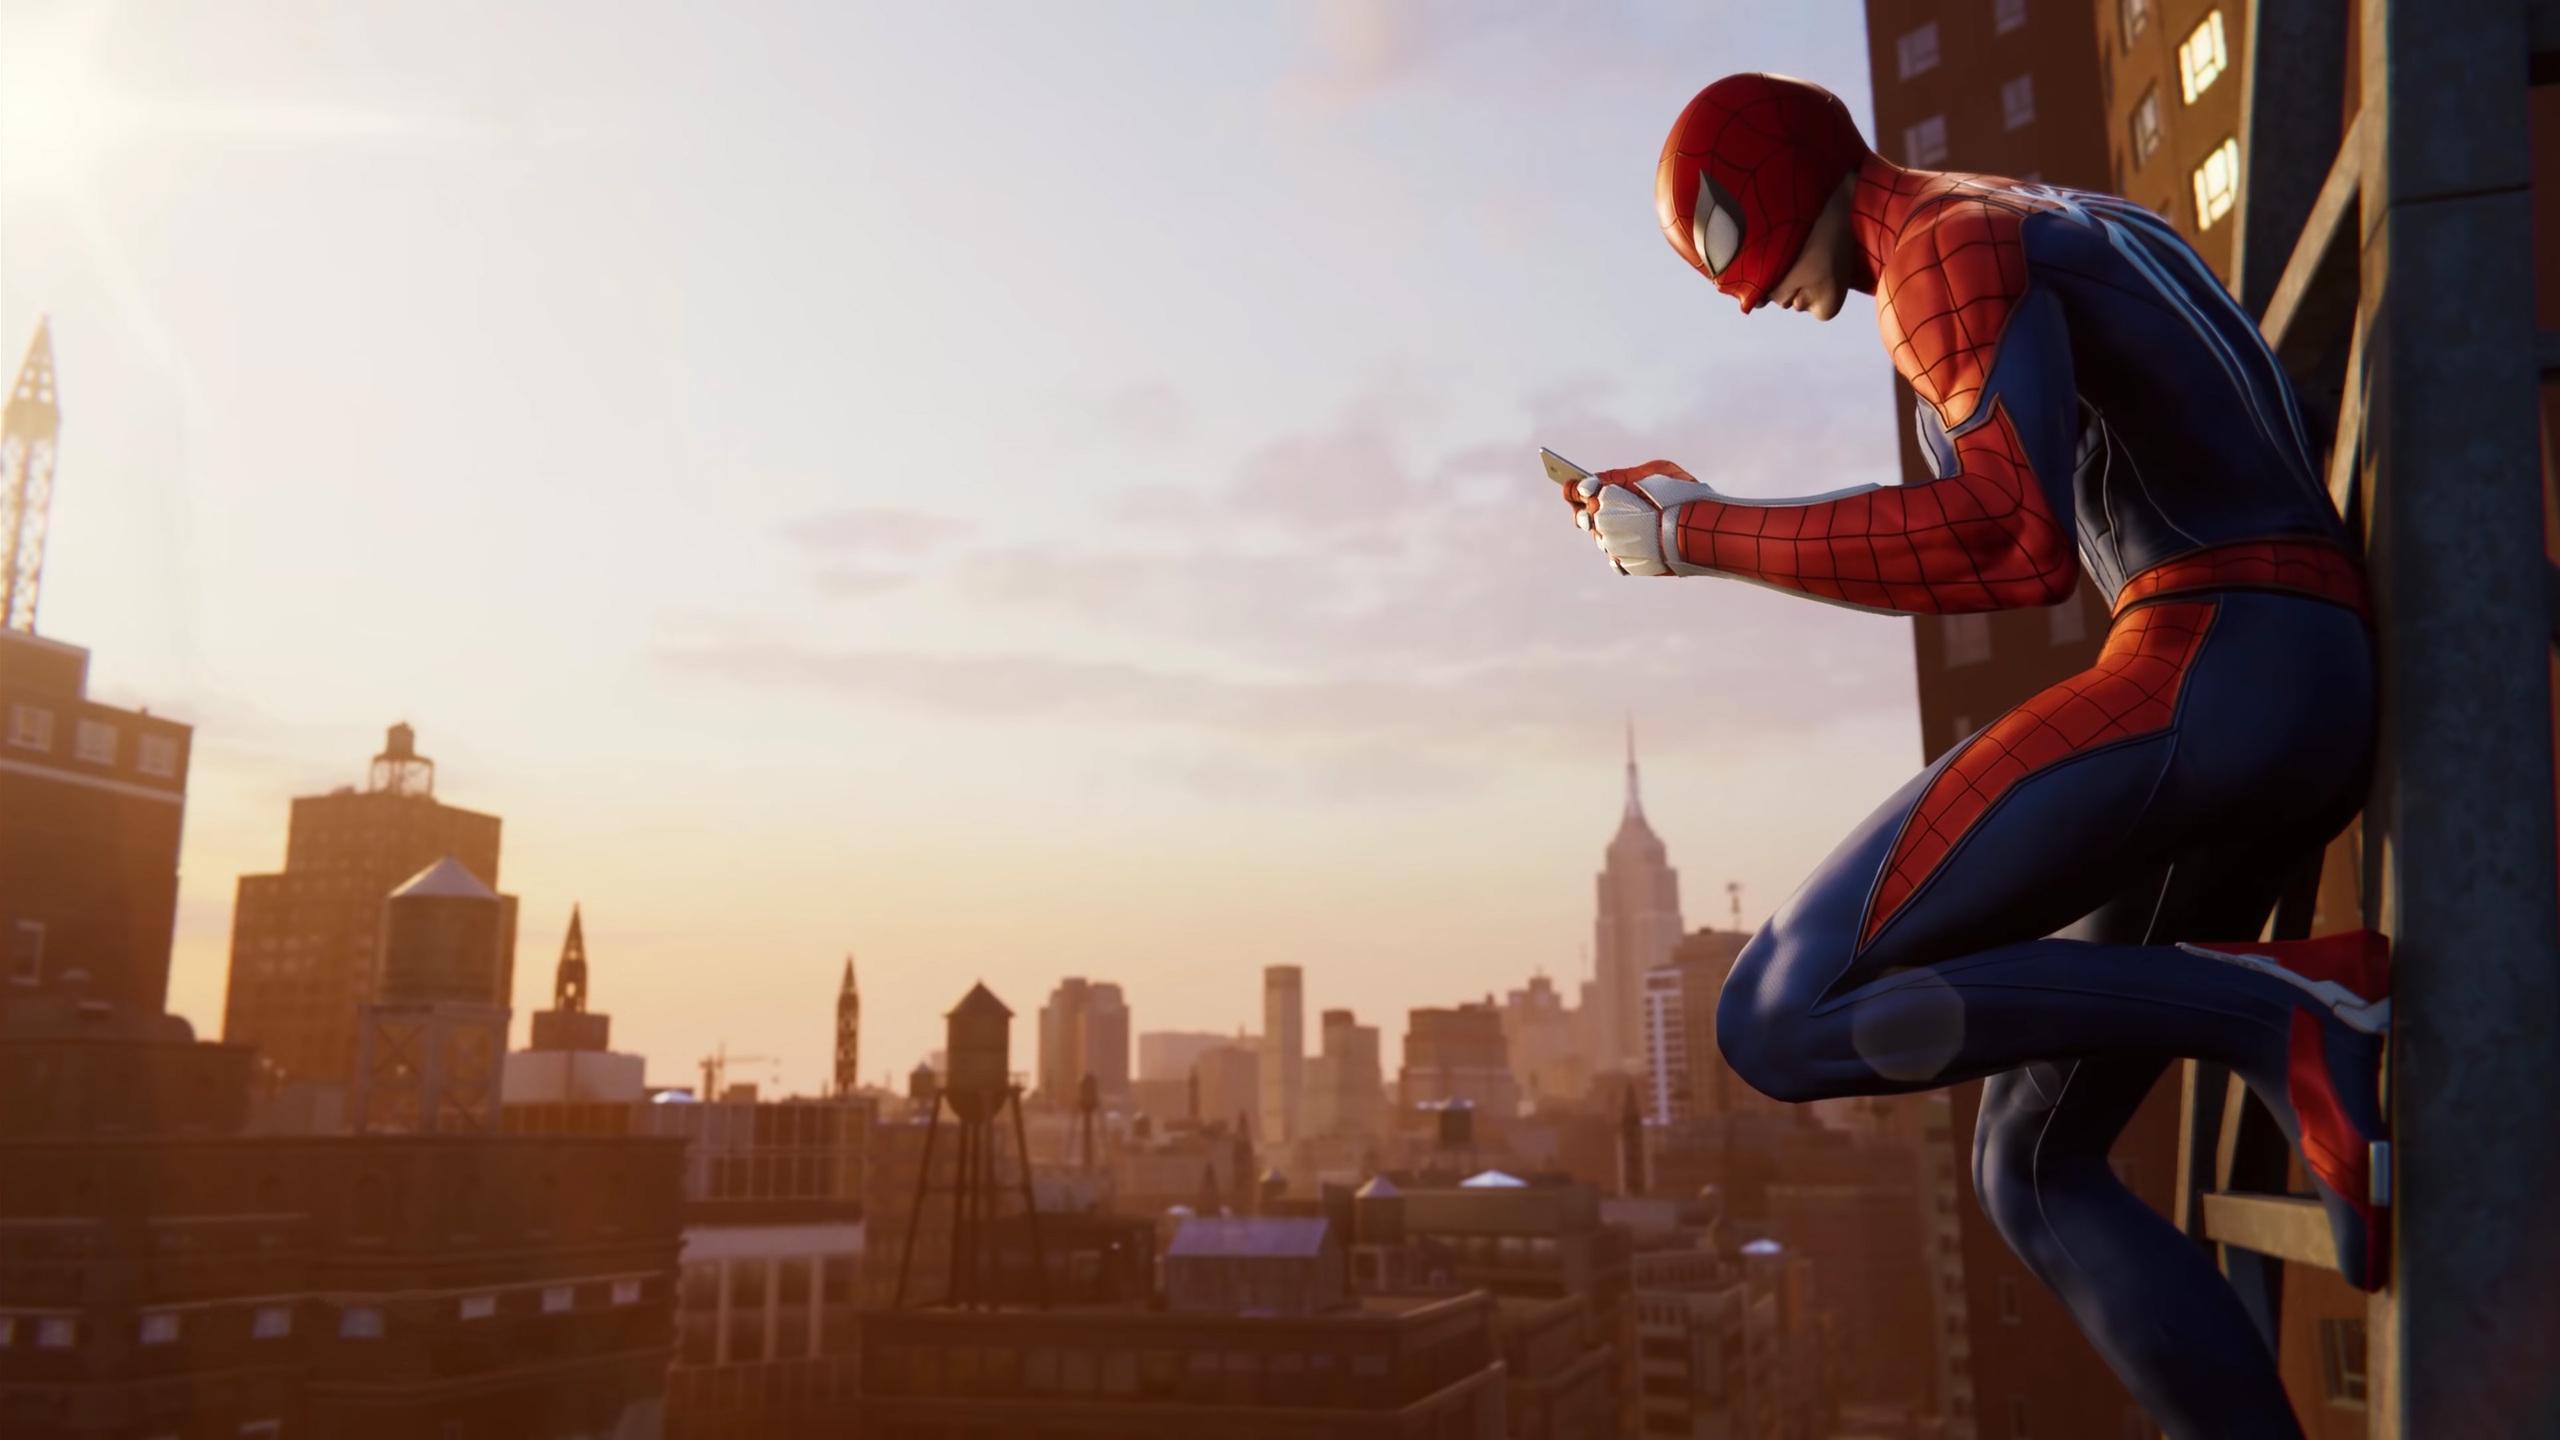 2560x1440 Spiderman Ps4 Pro 5k 1440p Resolution Hd 4k